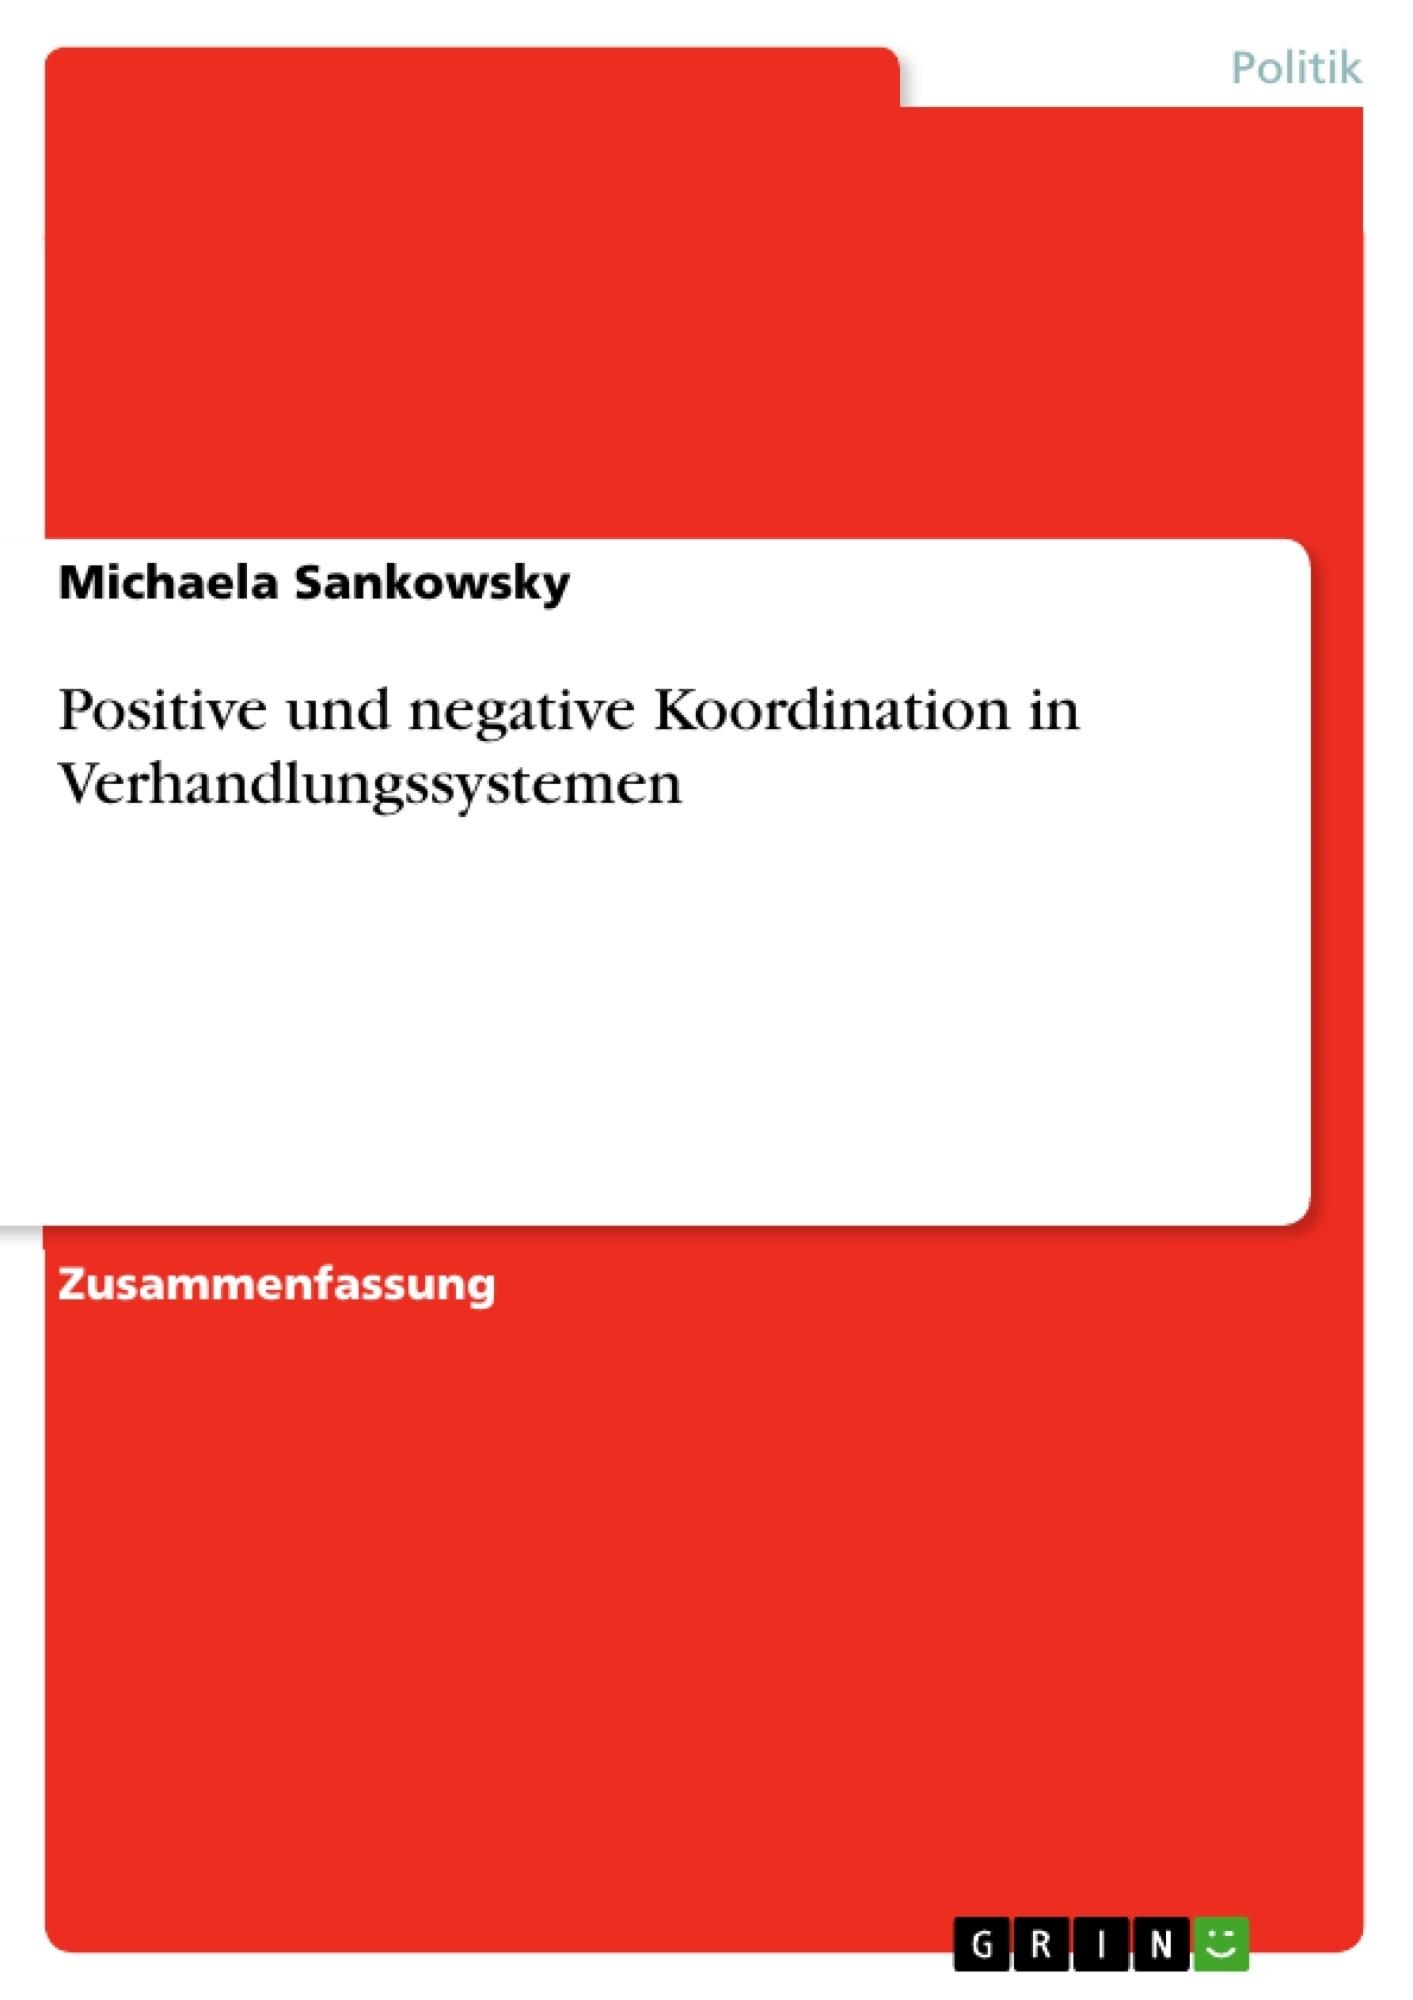 Titel: Positive und negative Koordination in Verhandlungssystemen